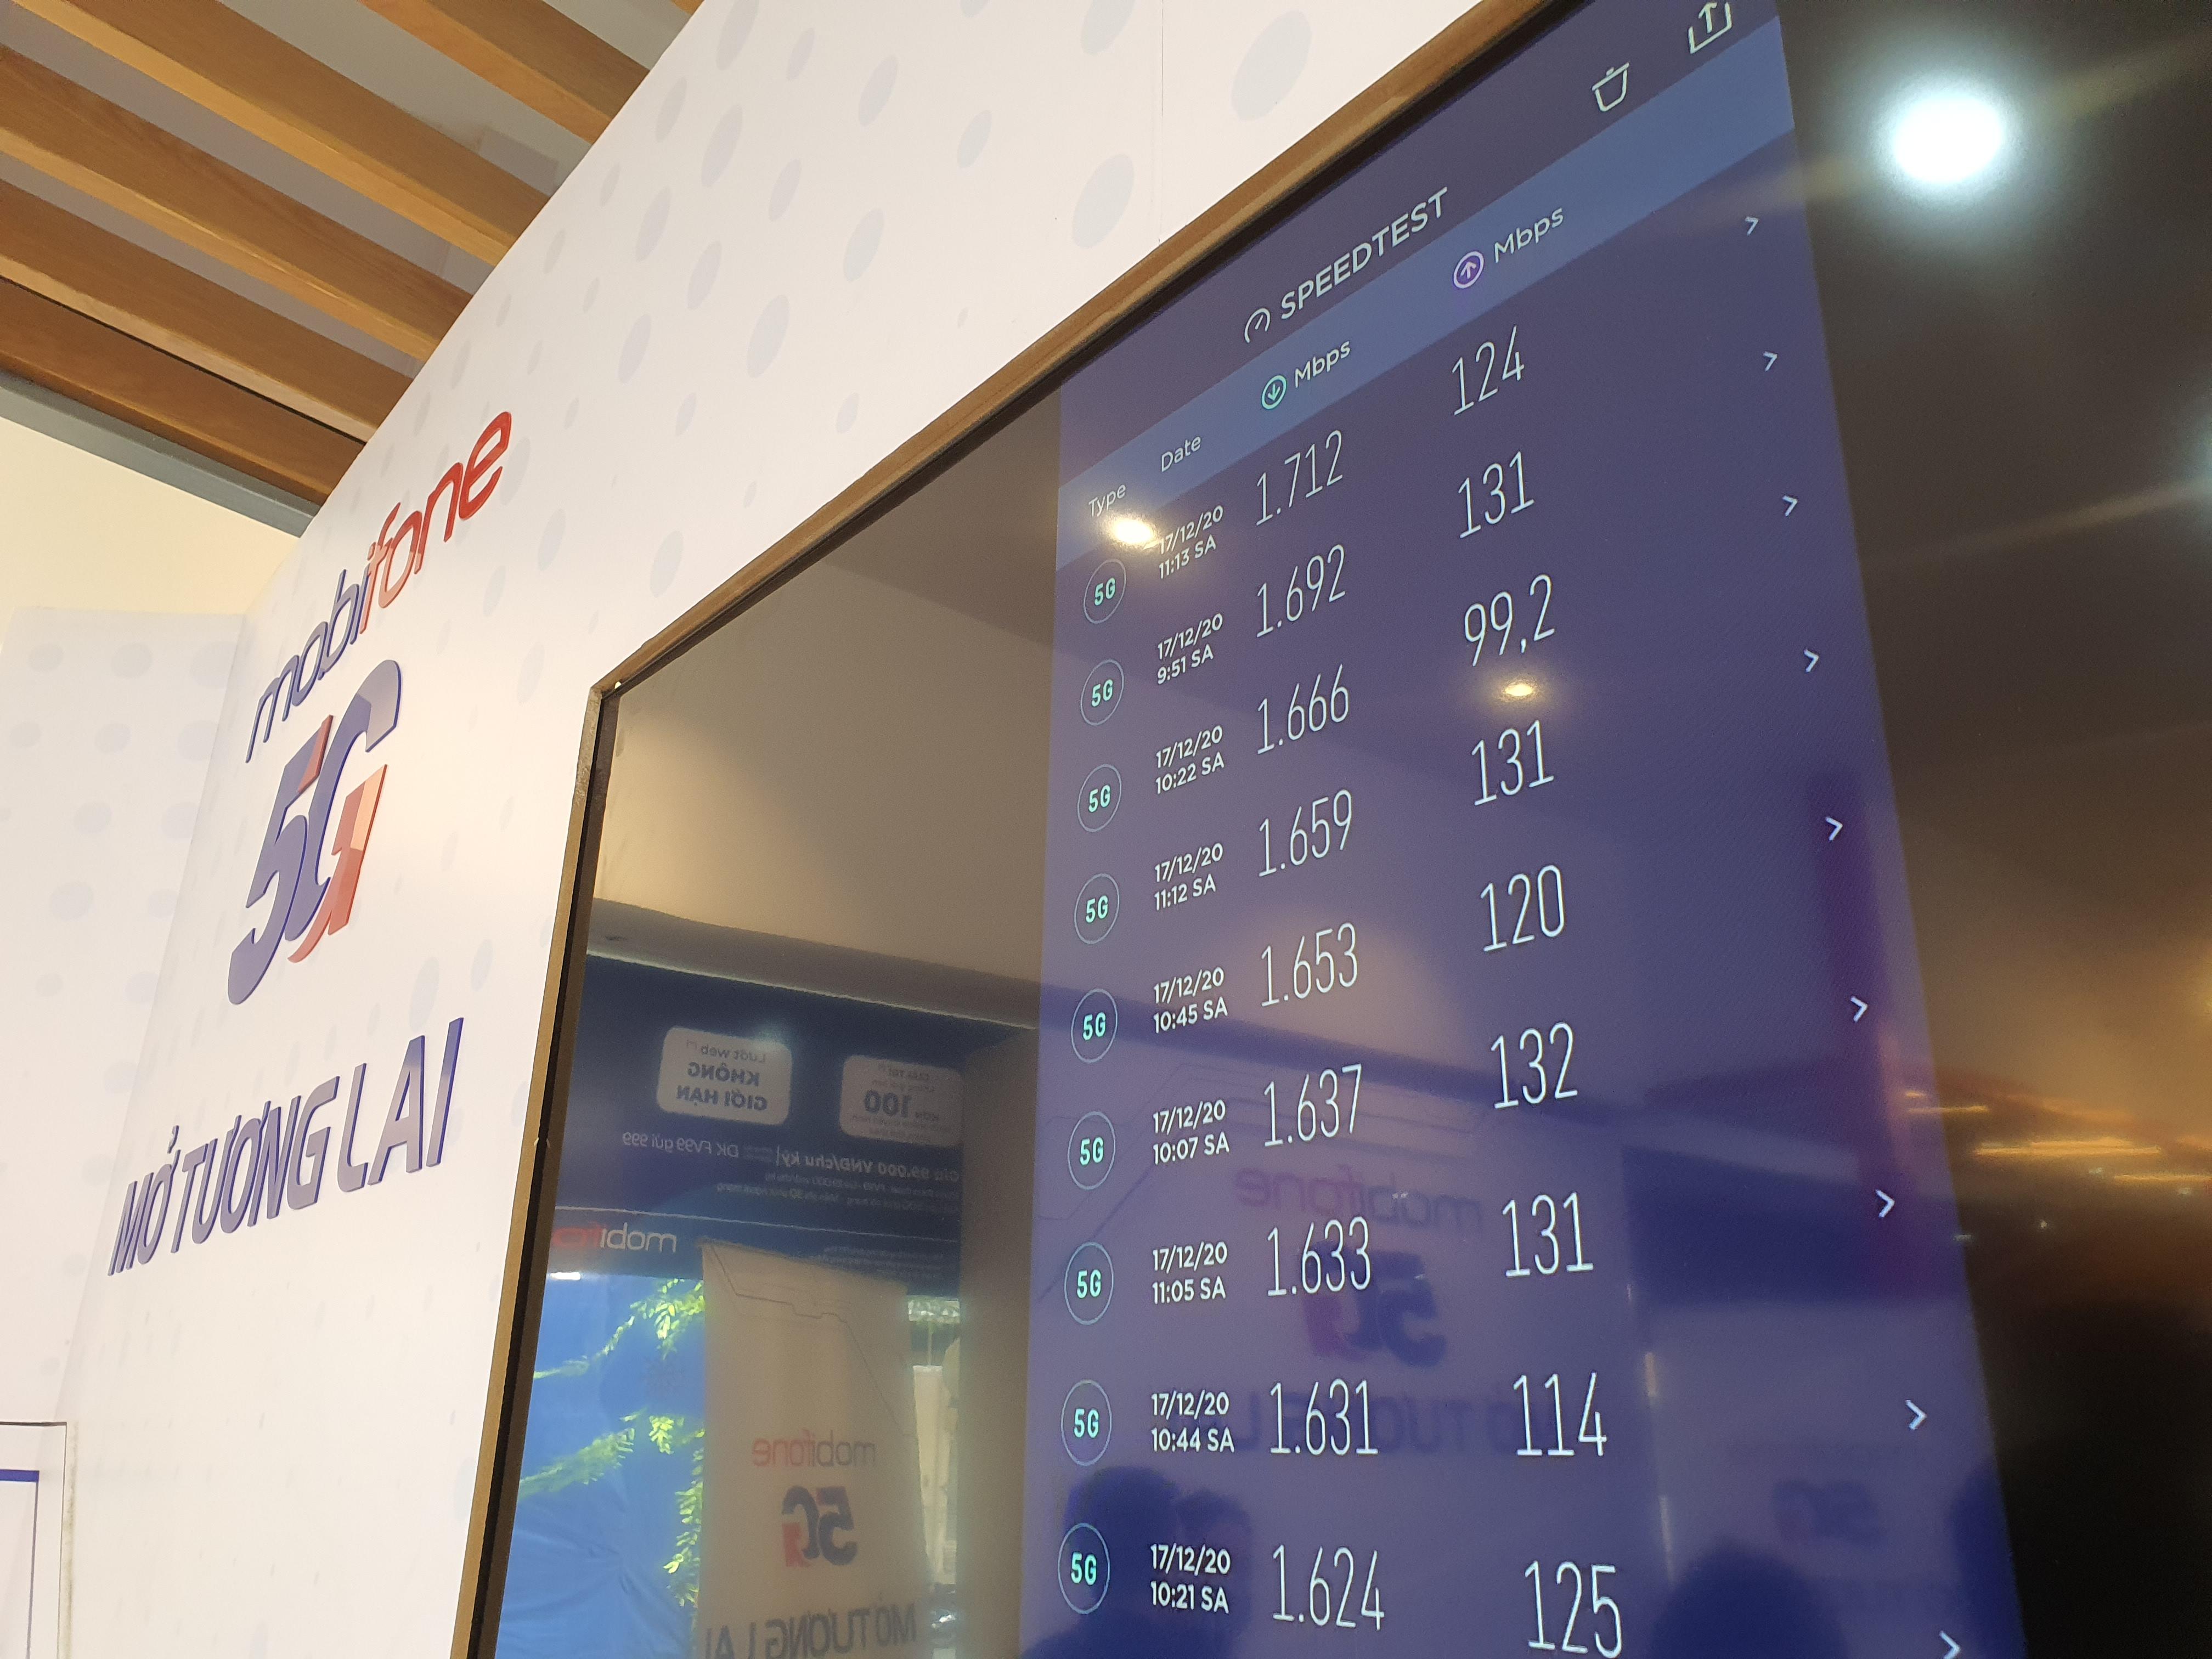 5G MobiFone đạt tốc độ lên đến 1,7Gbps, sẵn sàng cho khách hàng trải nghiệm tại TP HCM - Ảnh 1.